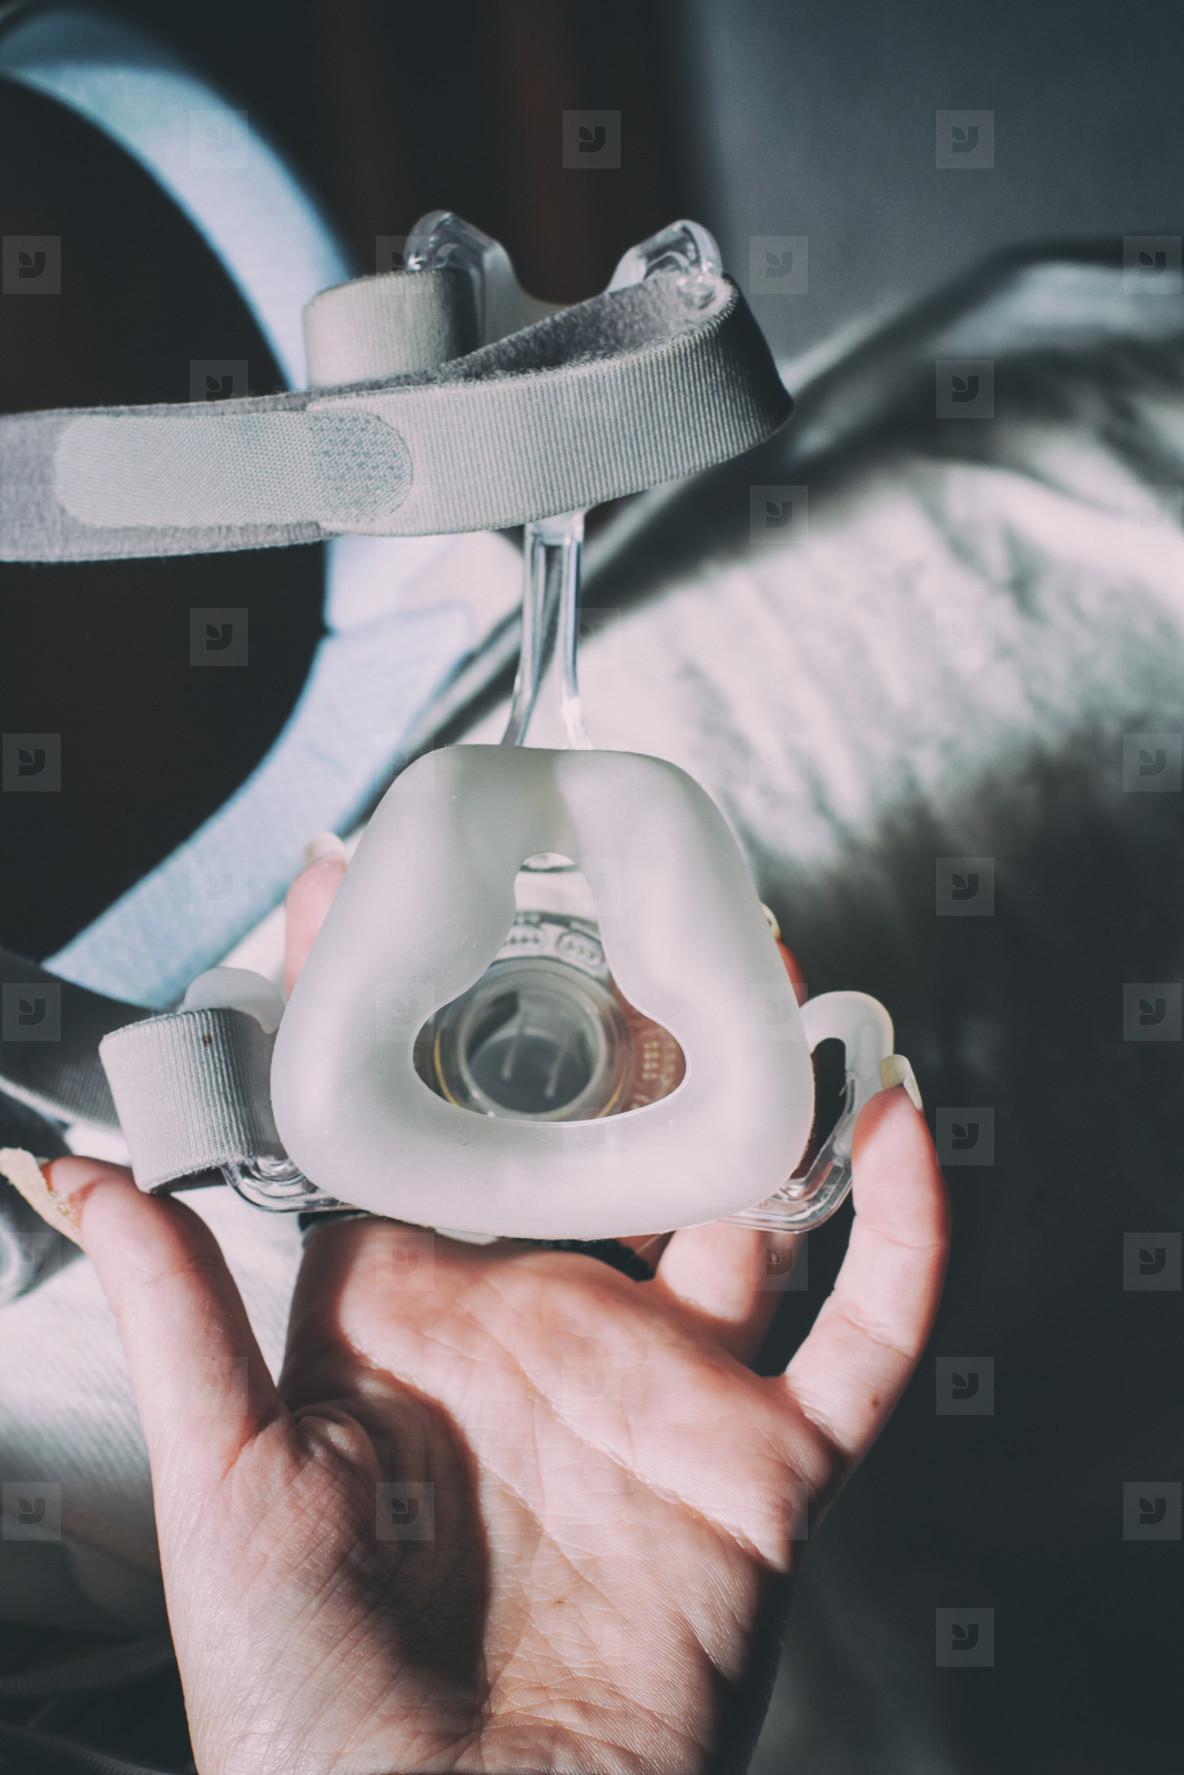 Hand holding oxygen mask